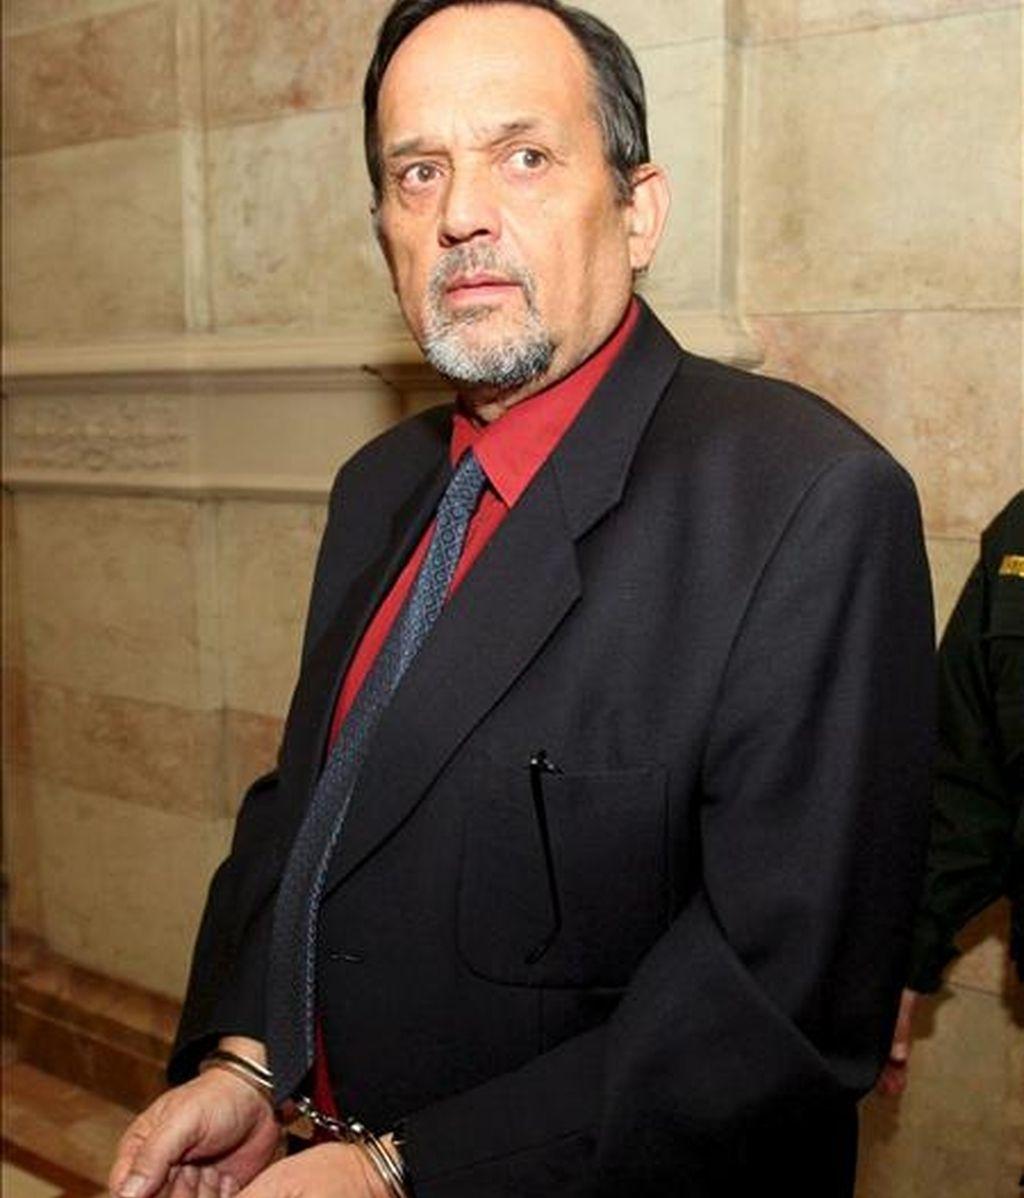 AUSTRIA HOLOCAUSTO:APA061. VIENA (AUSTRIA). 3/12/2007.- El pronazi Gerd Honsik es fotografiado durante su juicio de apelación en Viena, Austria, hoy lunes 03 de diciembre. En 1992, Honsik fue hallado culpable por negar el holocausto y fue sentenciado a 18 meses de prisión. Honsik huyó a España y fue arrestado en Málaga en agosto de 2007 y extraditado a Austria. EFE/Georg Hochmuth